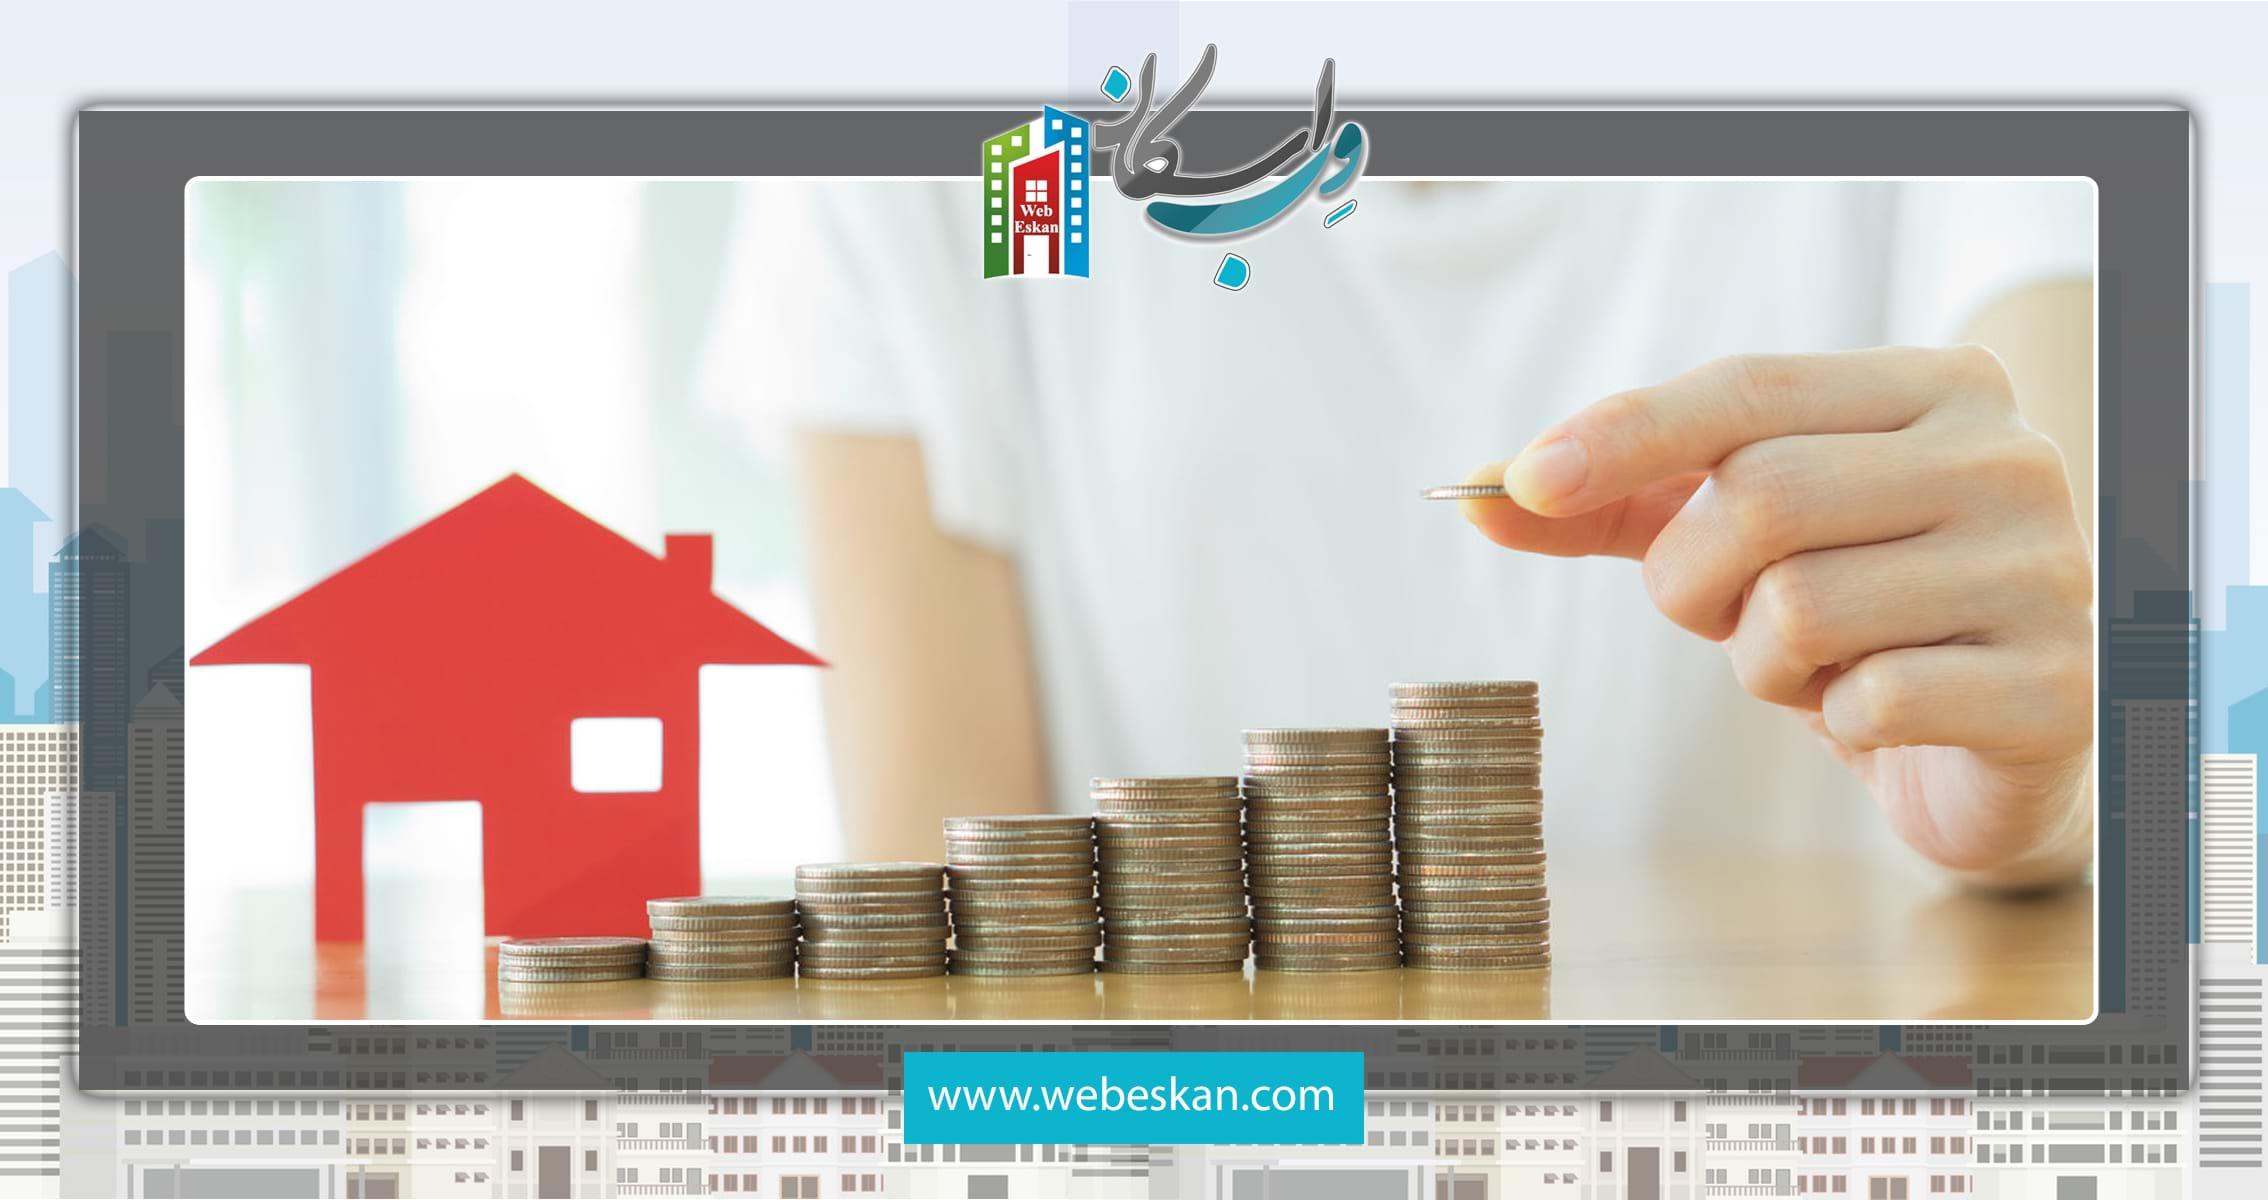 خزانه دارساختمان و مسئولیت امور مالی آپارتمان